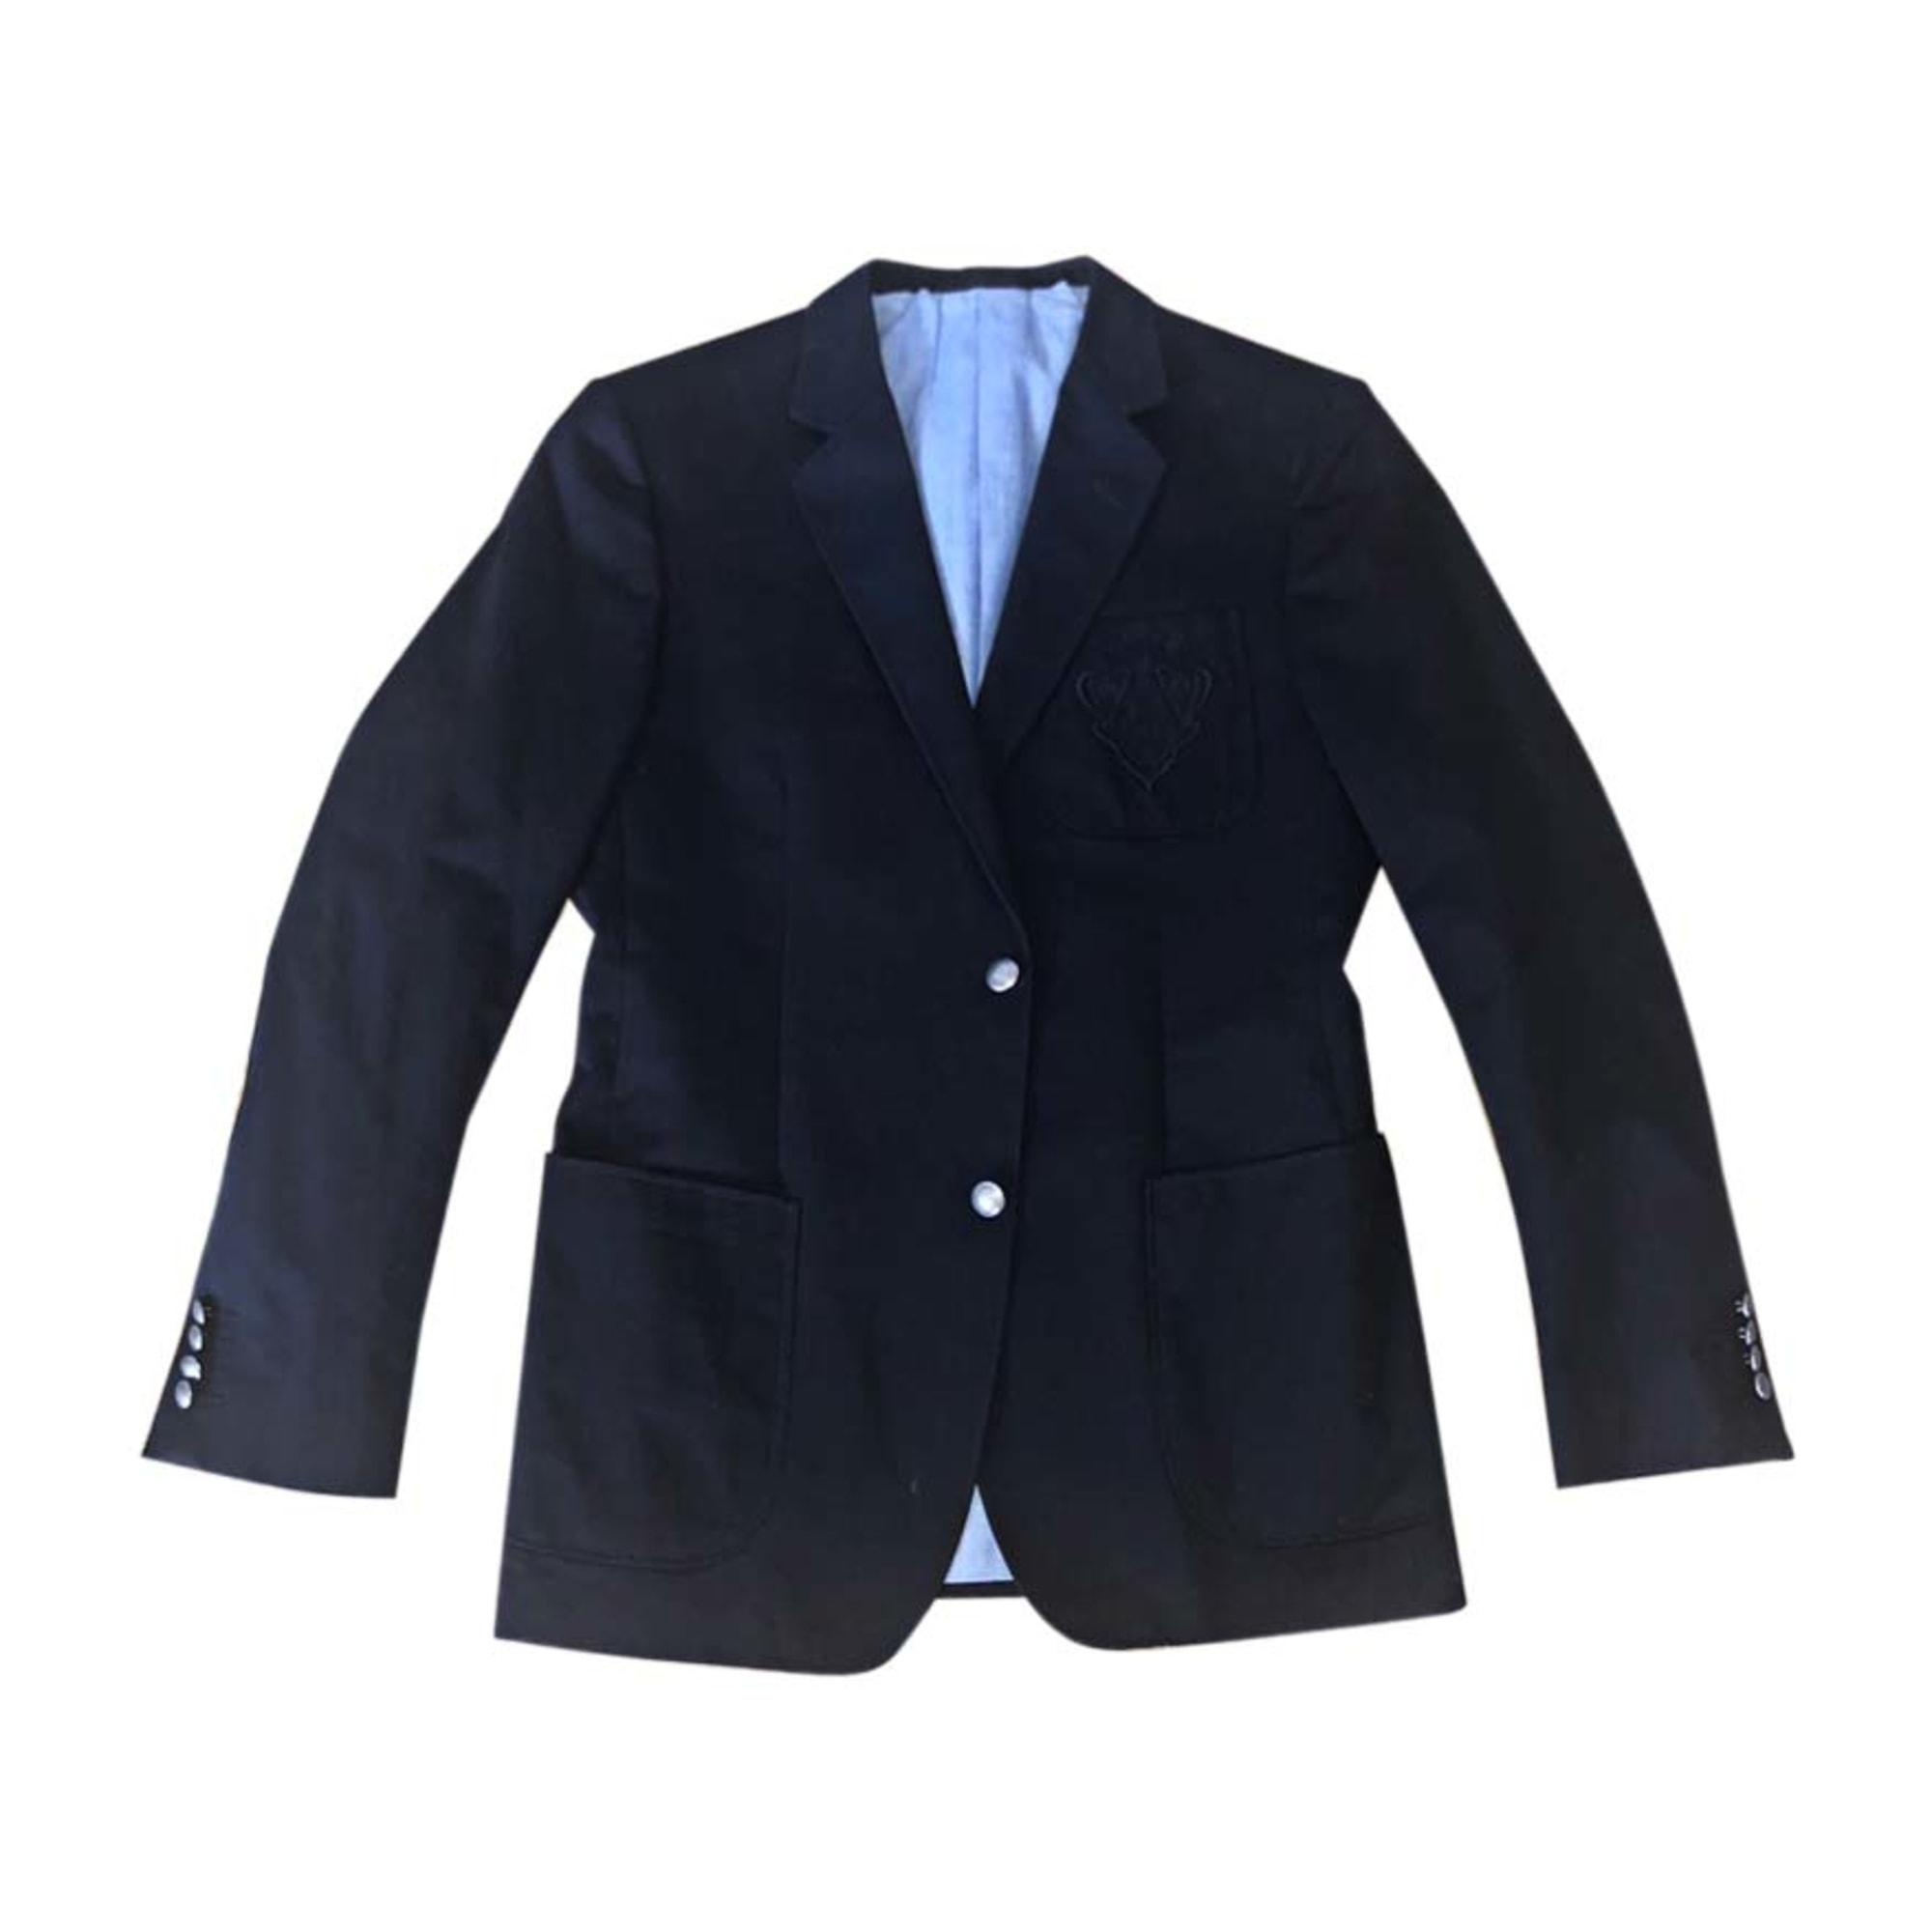 Jacke GUCCI Blau, marineblau, türkisblau